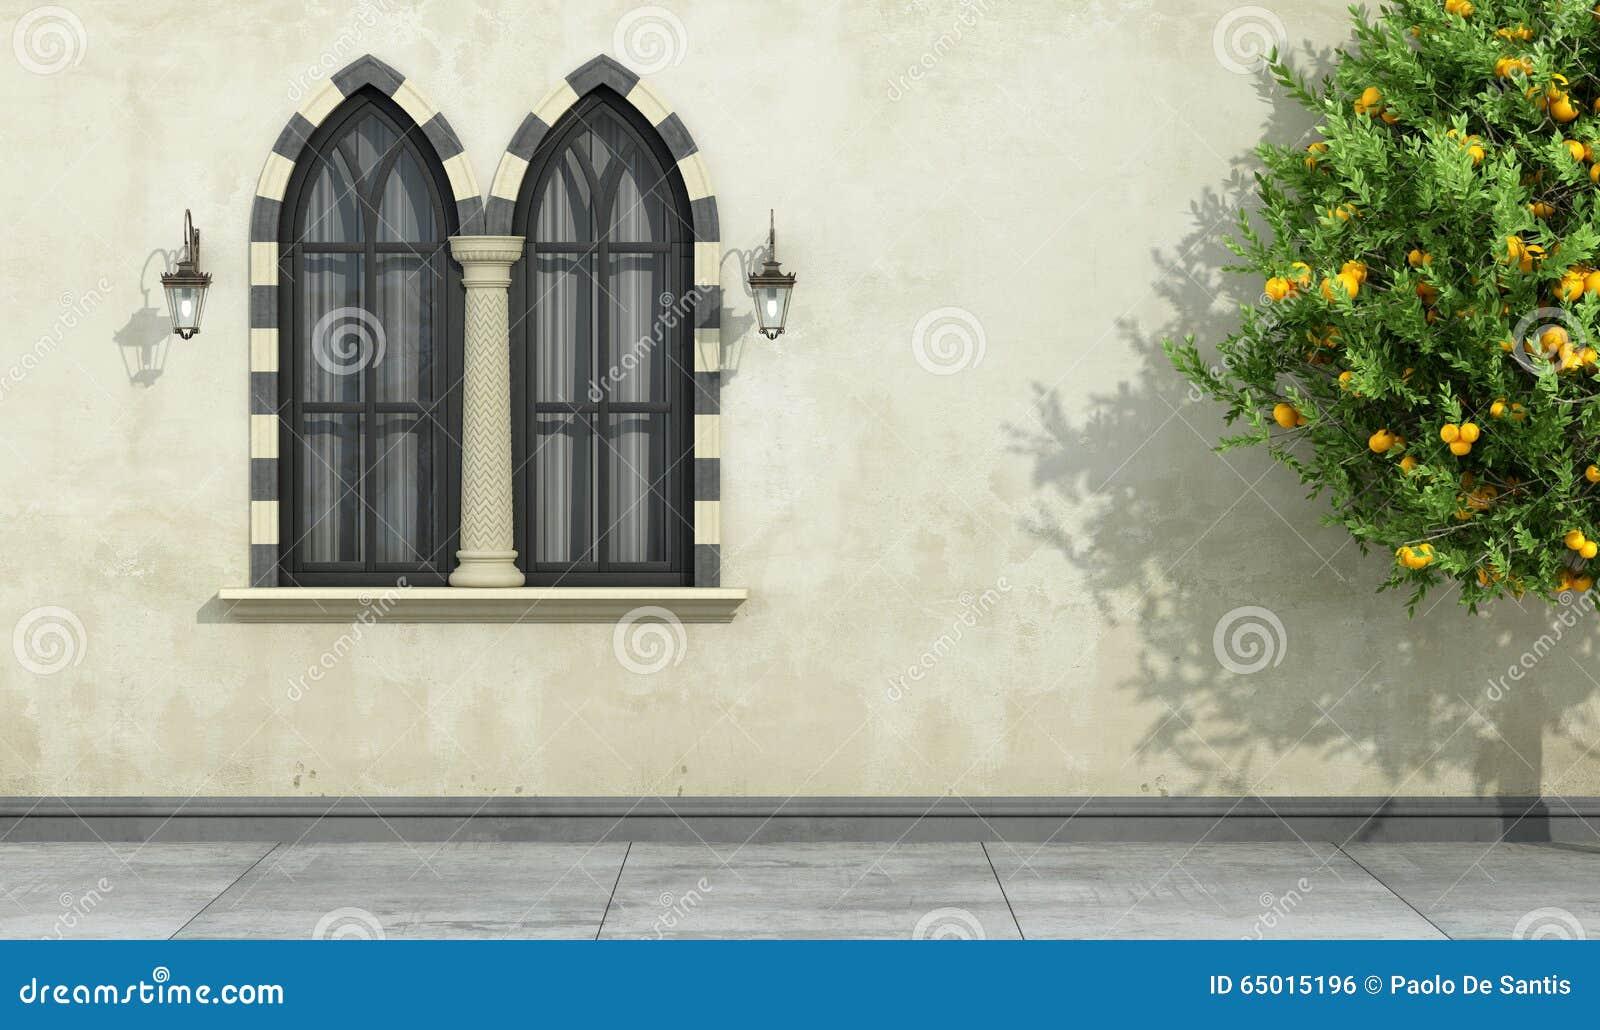 Vieille fa ade avec la fen tre gothique meneaux for Fenetre facade